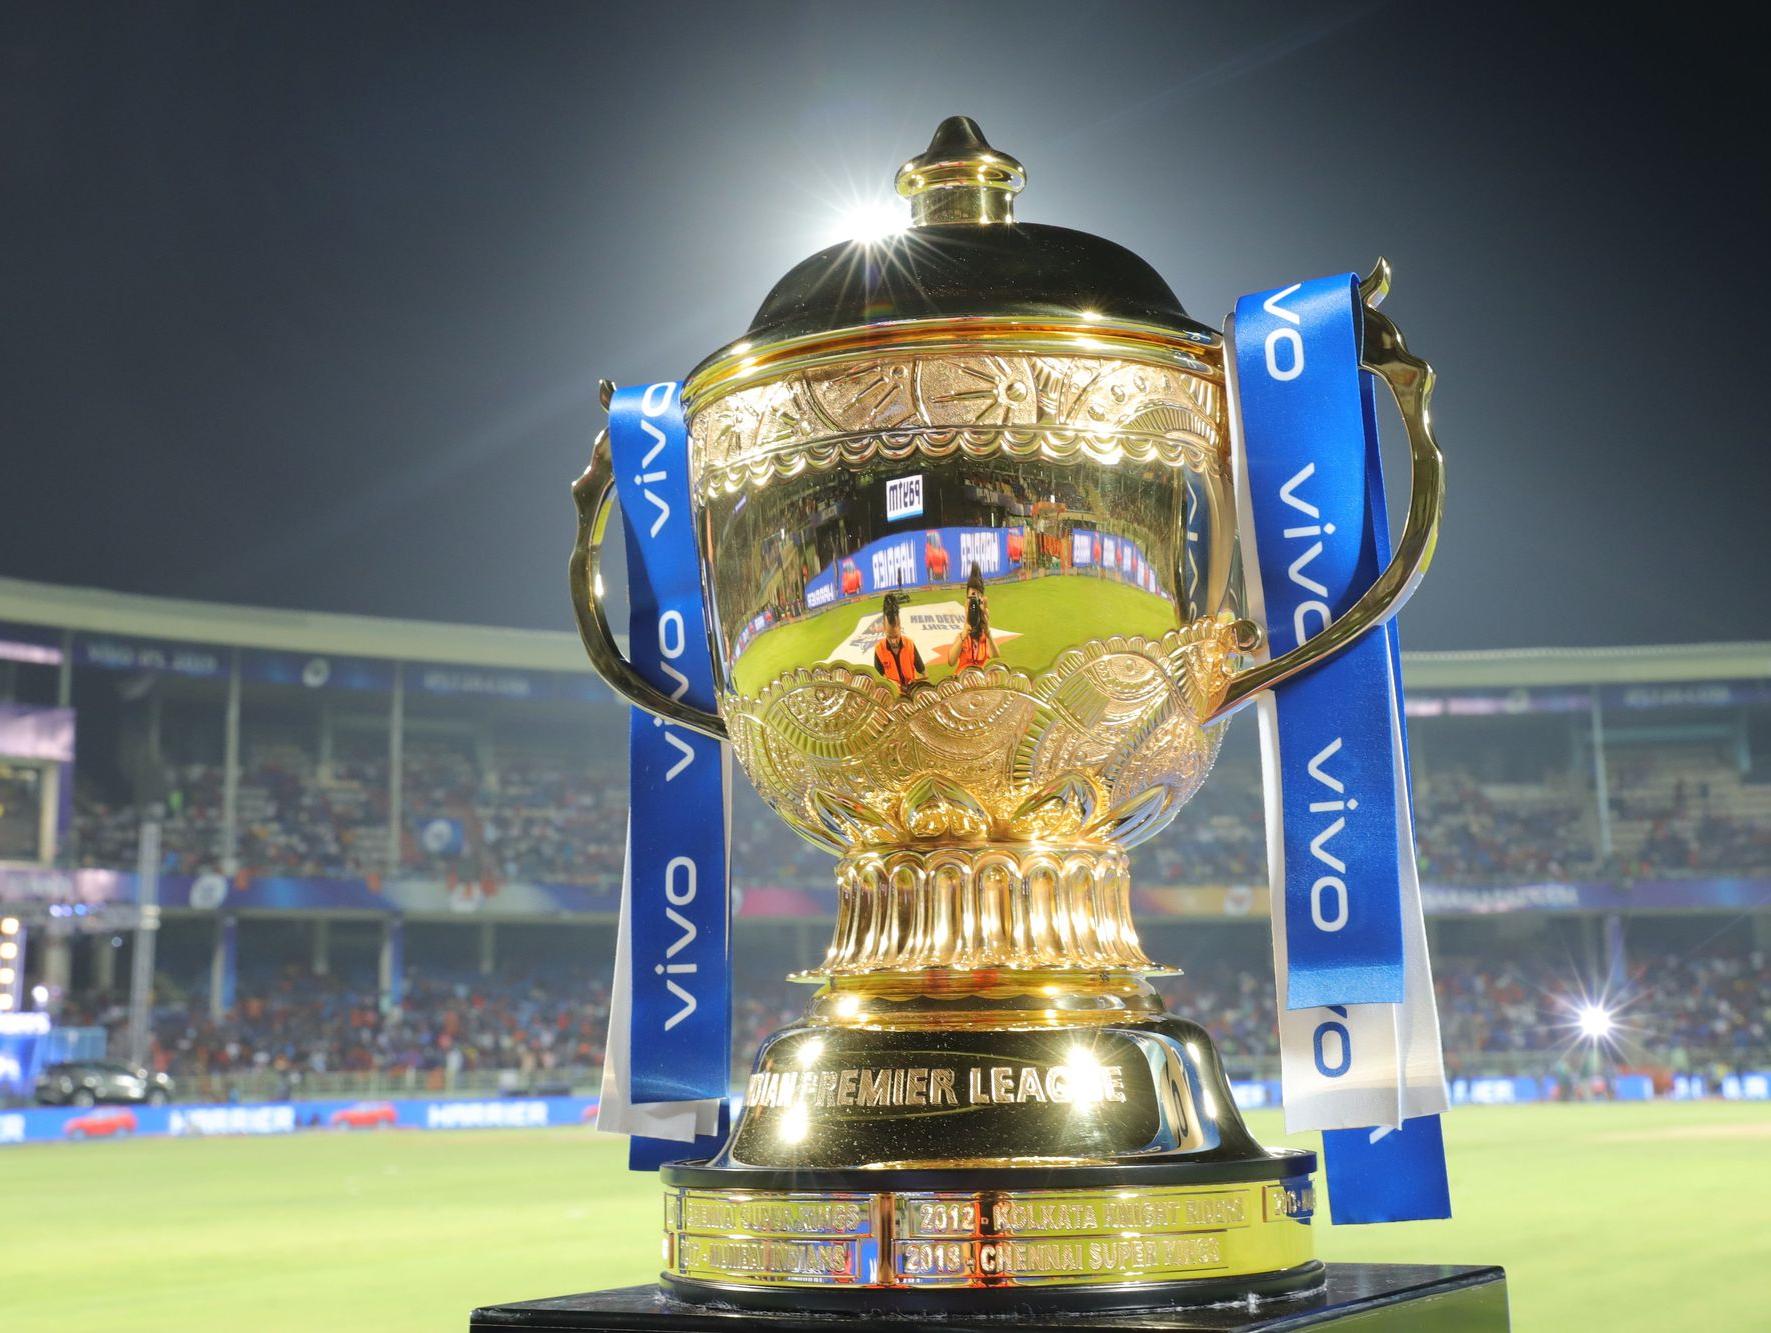 2021 ല് മെഗാ താരലേലം; പുതിയ ഐപിഎല് ടീം വരുന്നു!